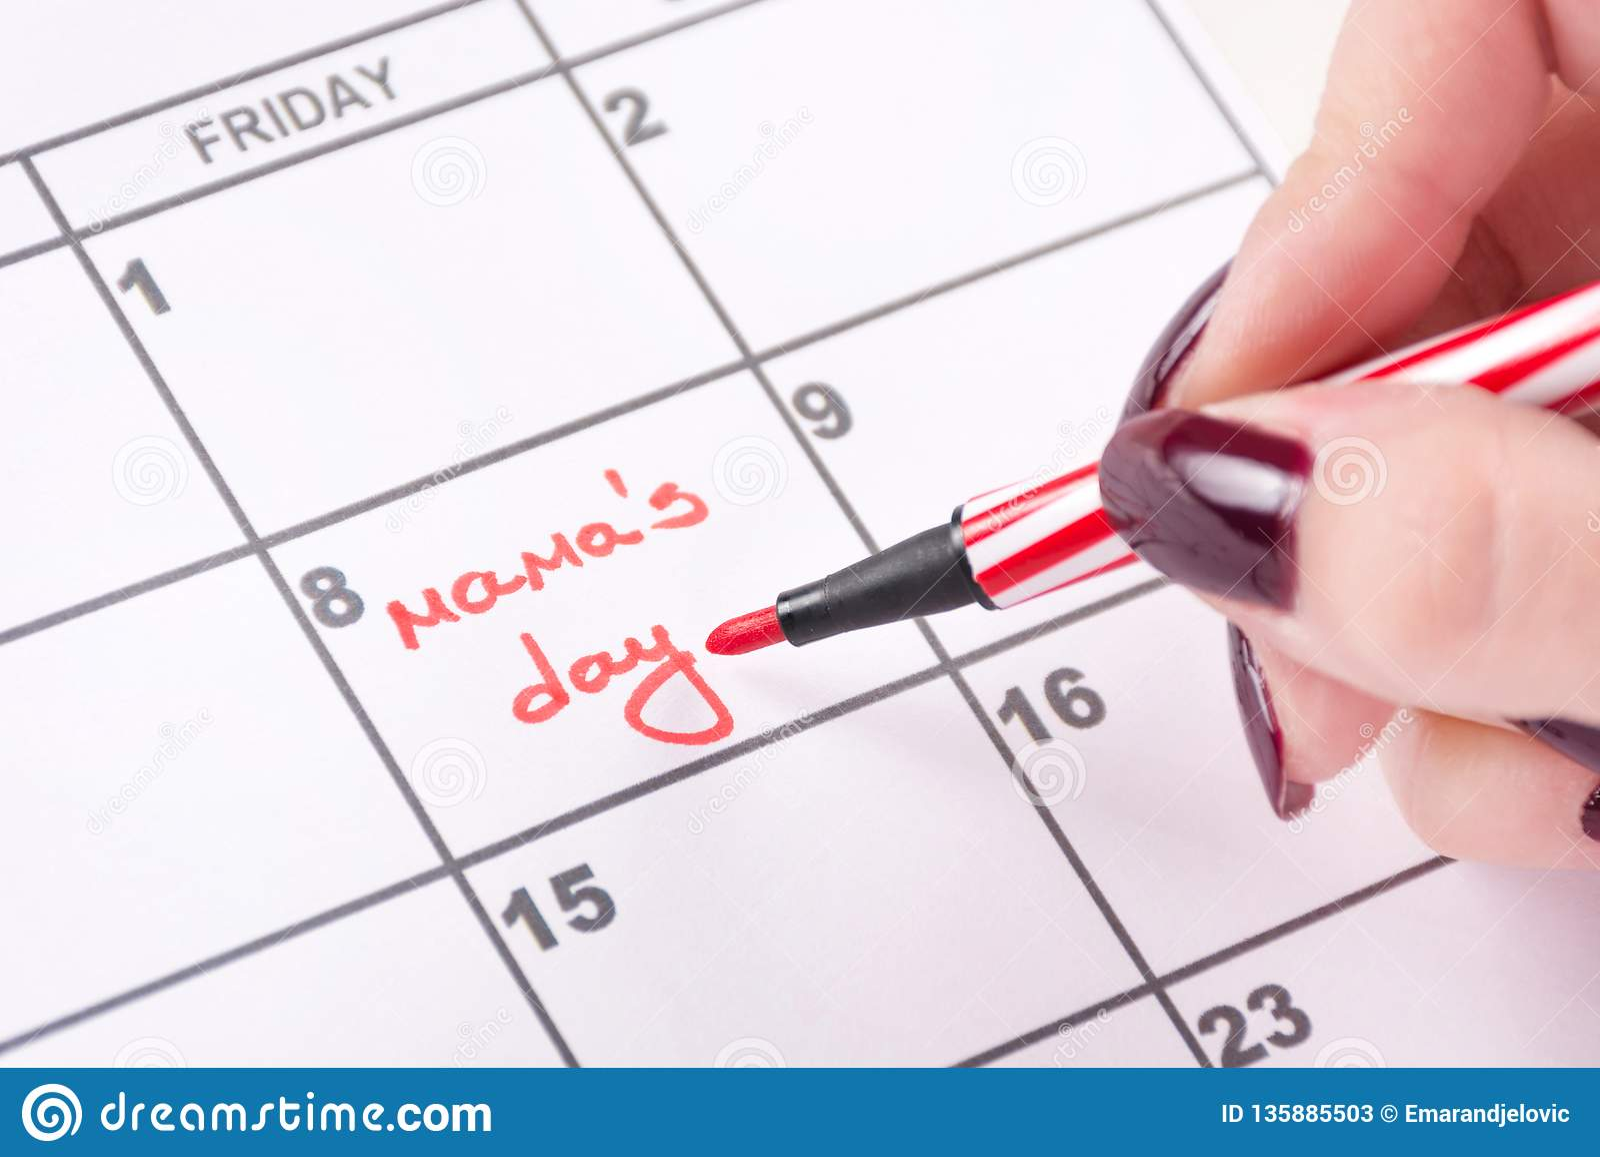 Руки женщины с красной чувствуемой ручкой пишут мамам слов день в календаре